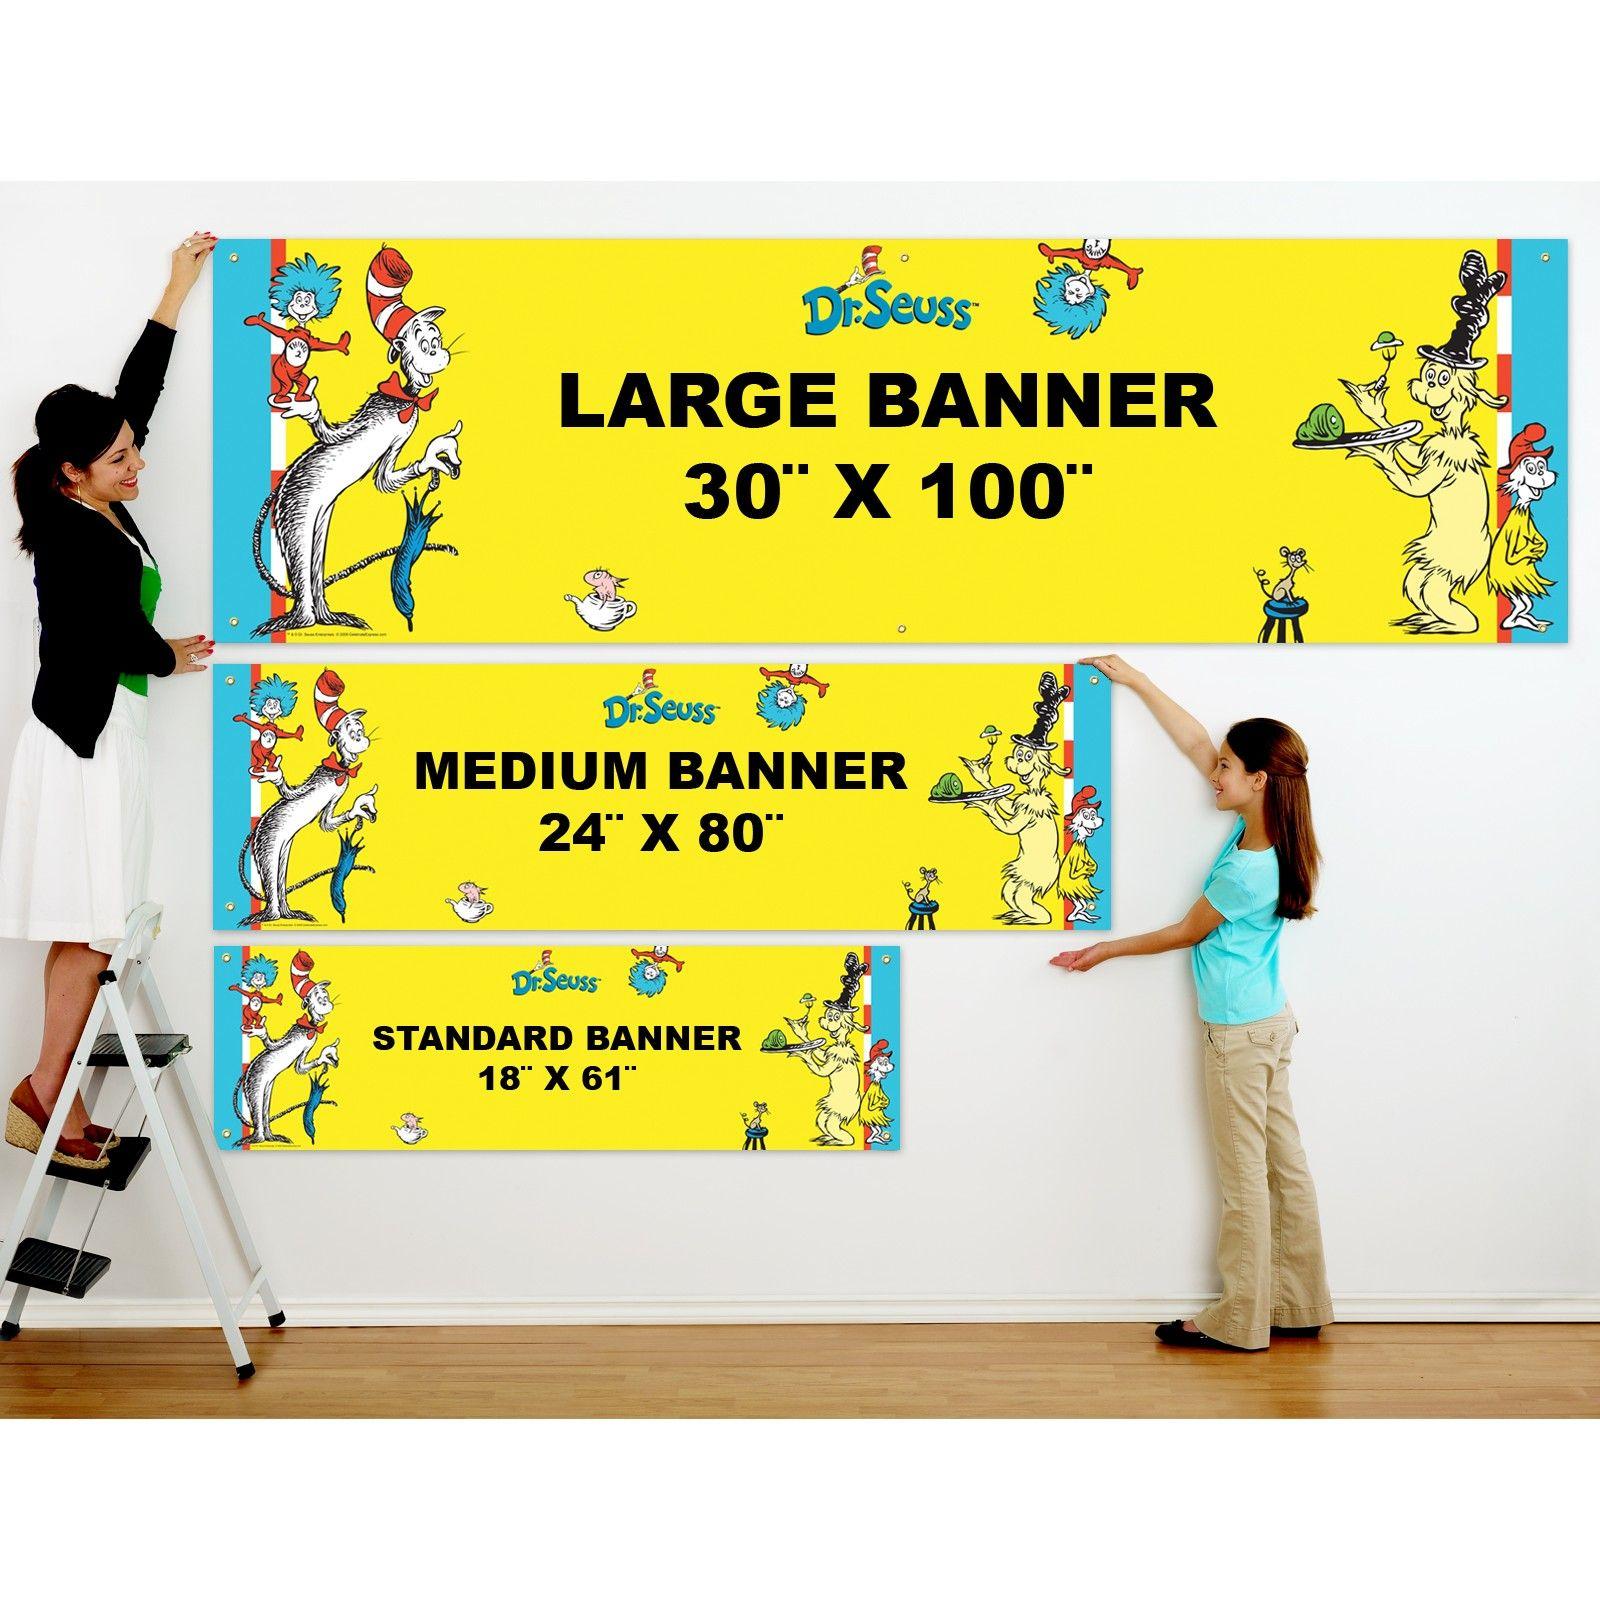 Dr Seuss Personalized Vinyl Banner Personalized Birthday Banners Personalized Banners Vinyl Banners